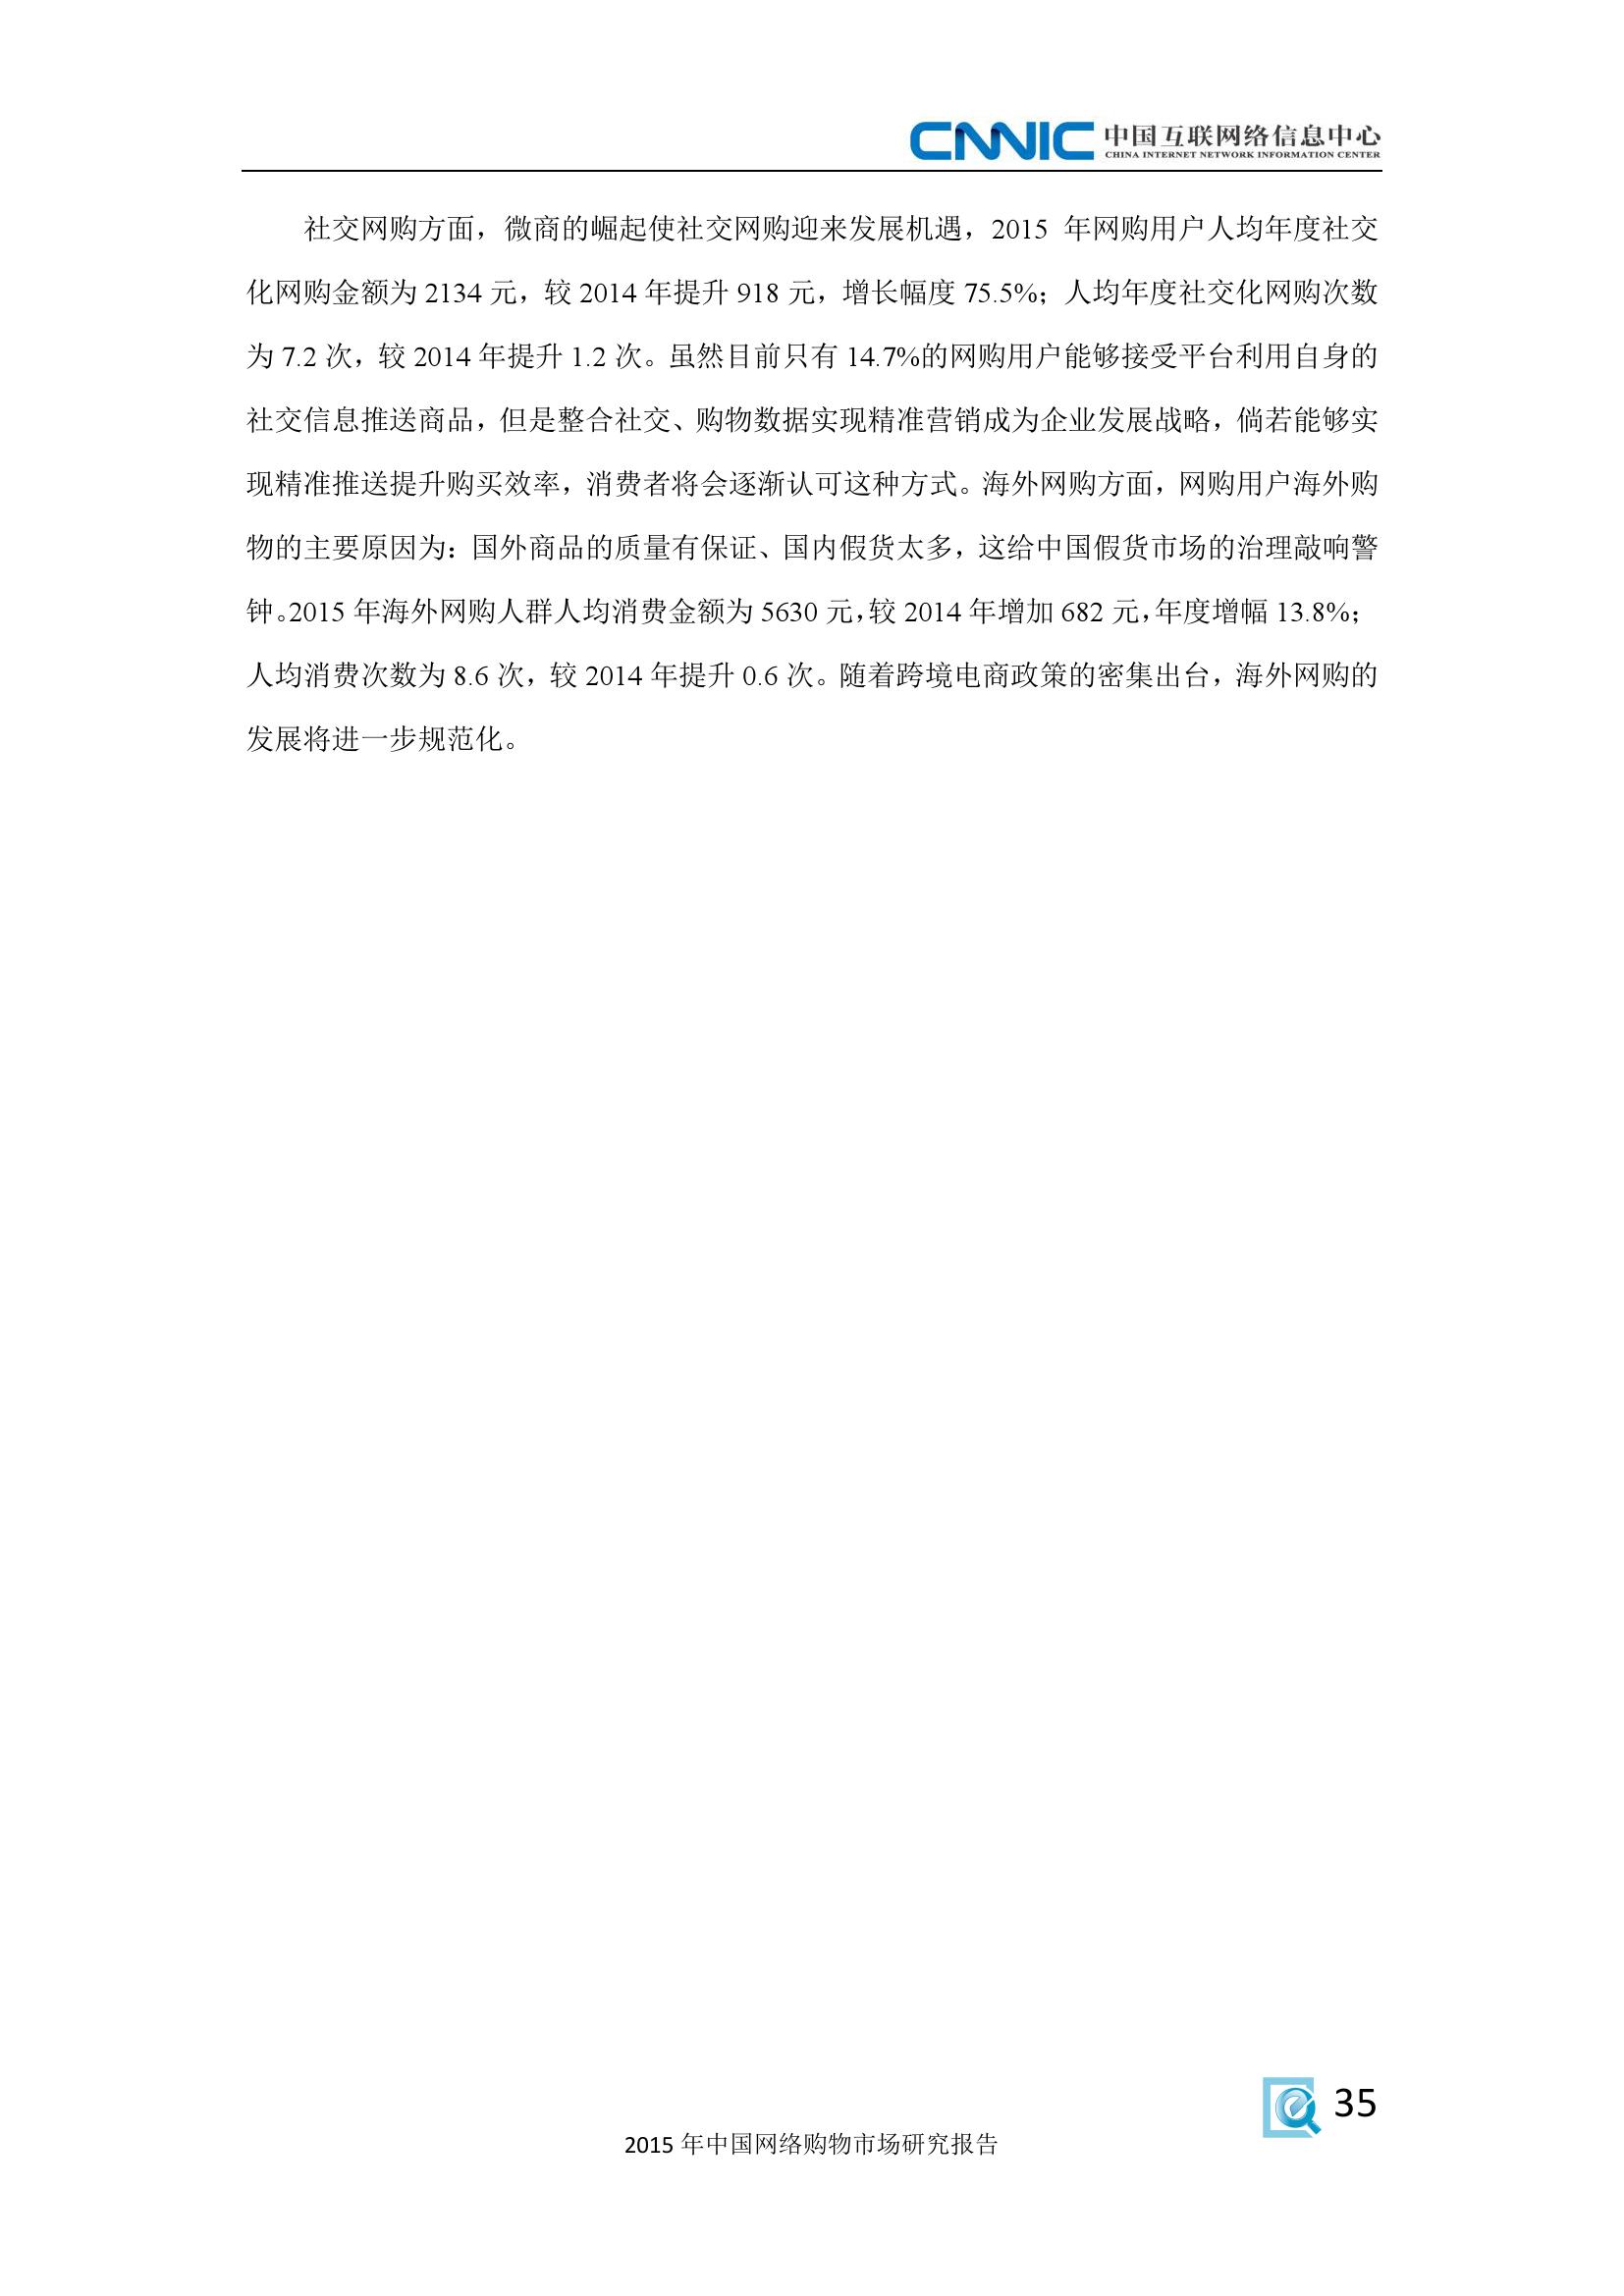 2015年中国网络购物市场研究报告_000043